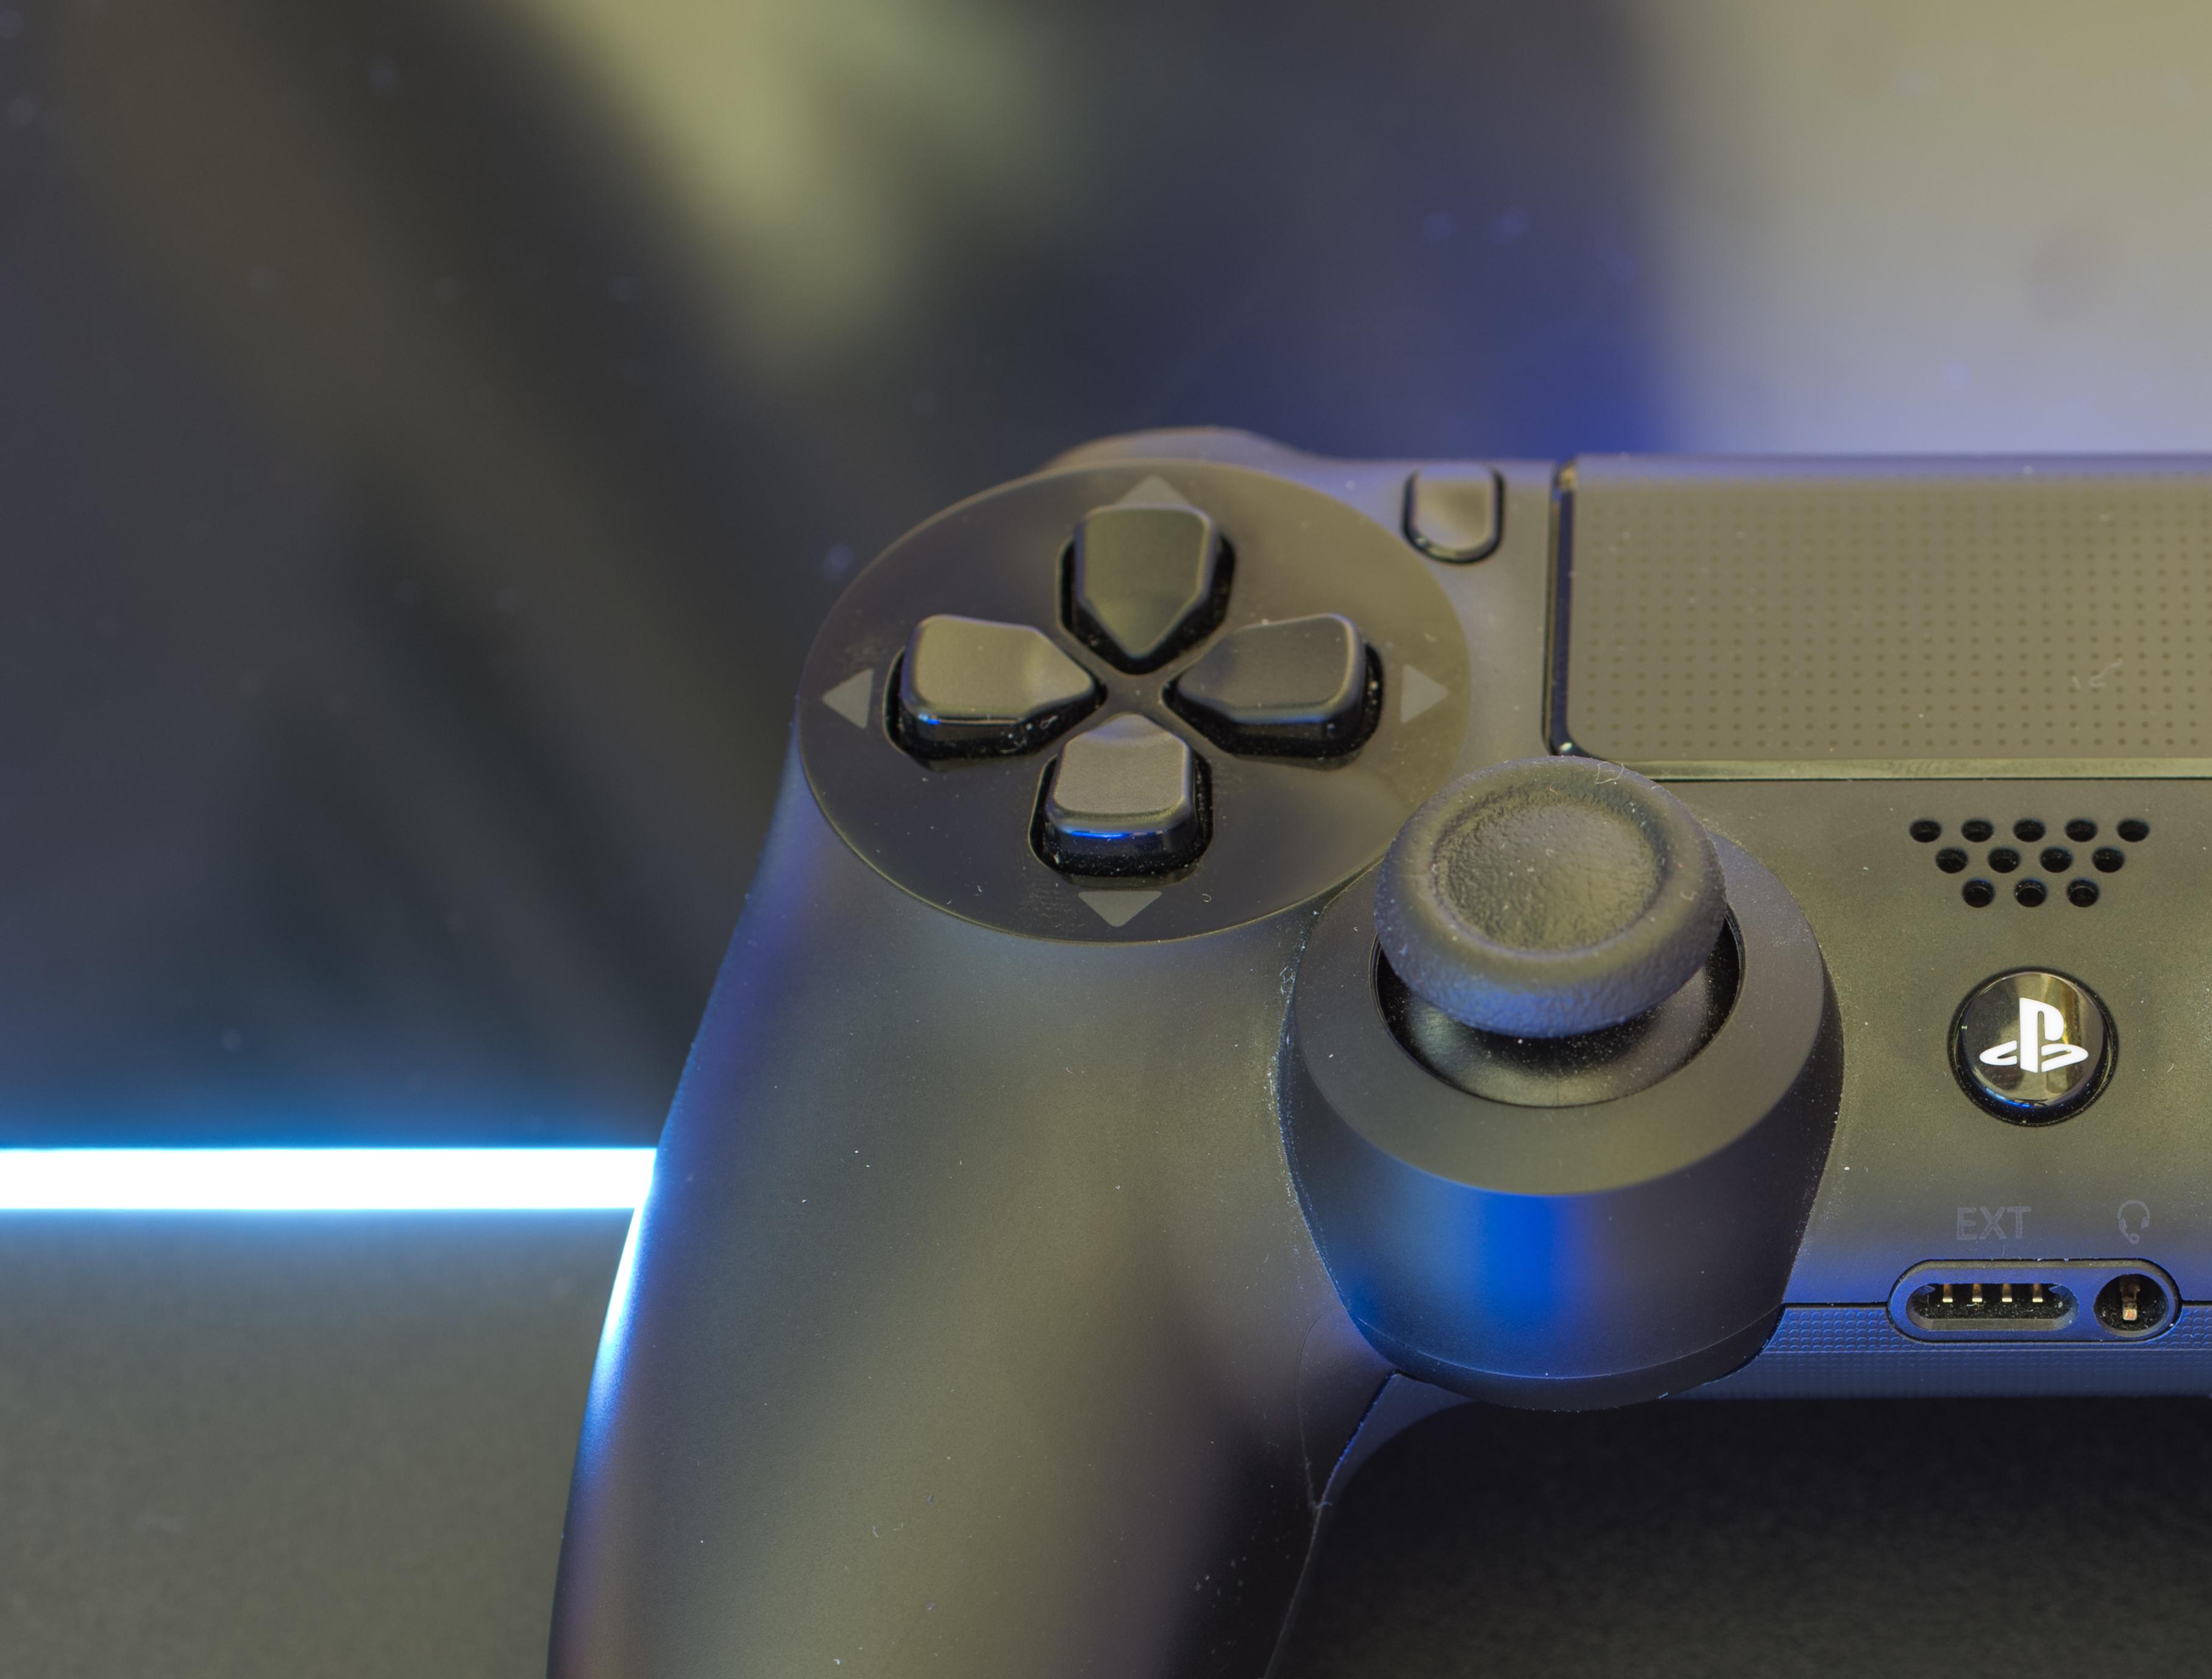 Bariera pękła! PlayStation 4 i PlayStation 4 Slim kosztuje w Polsce 999 złotych